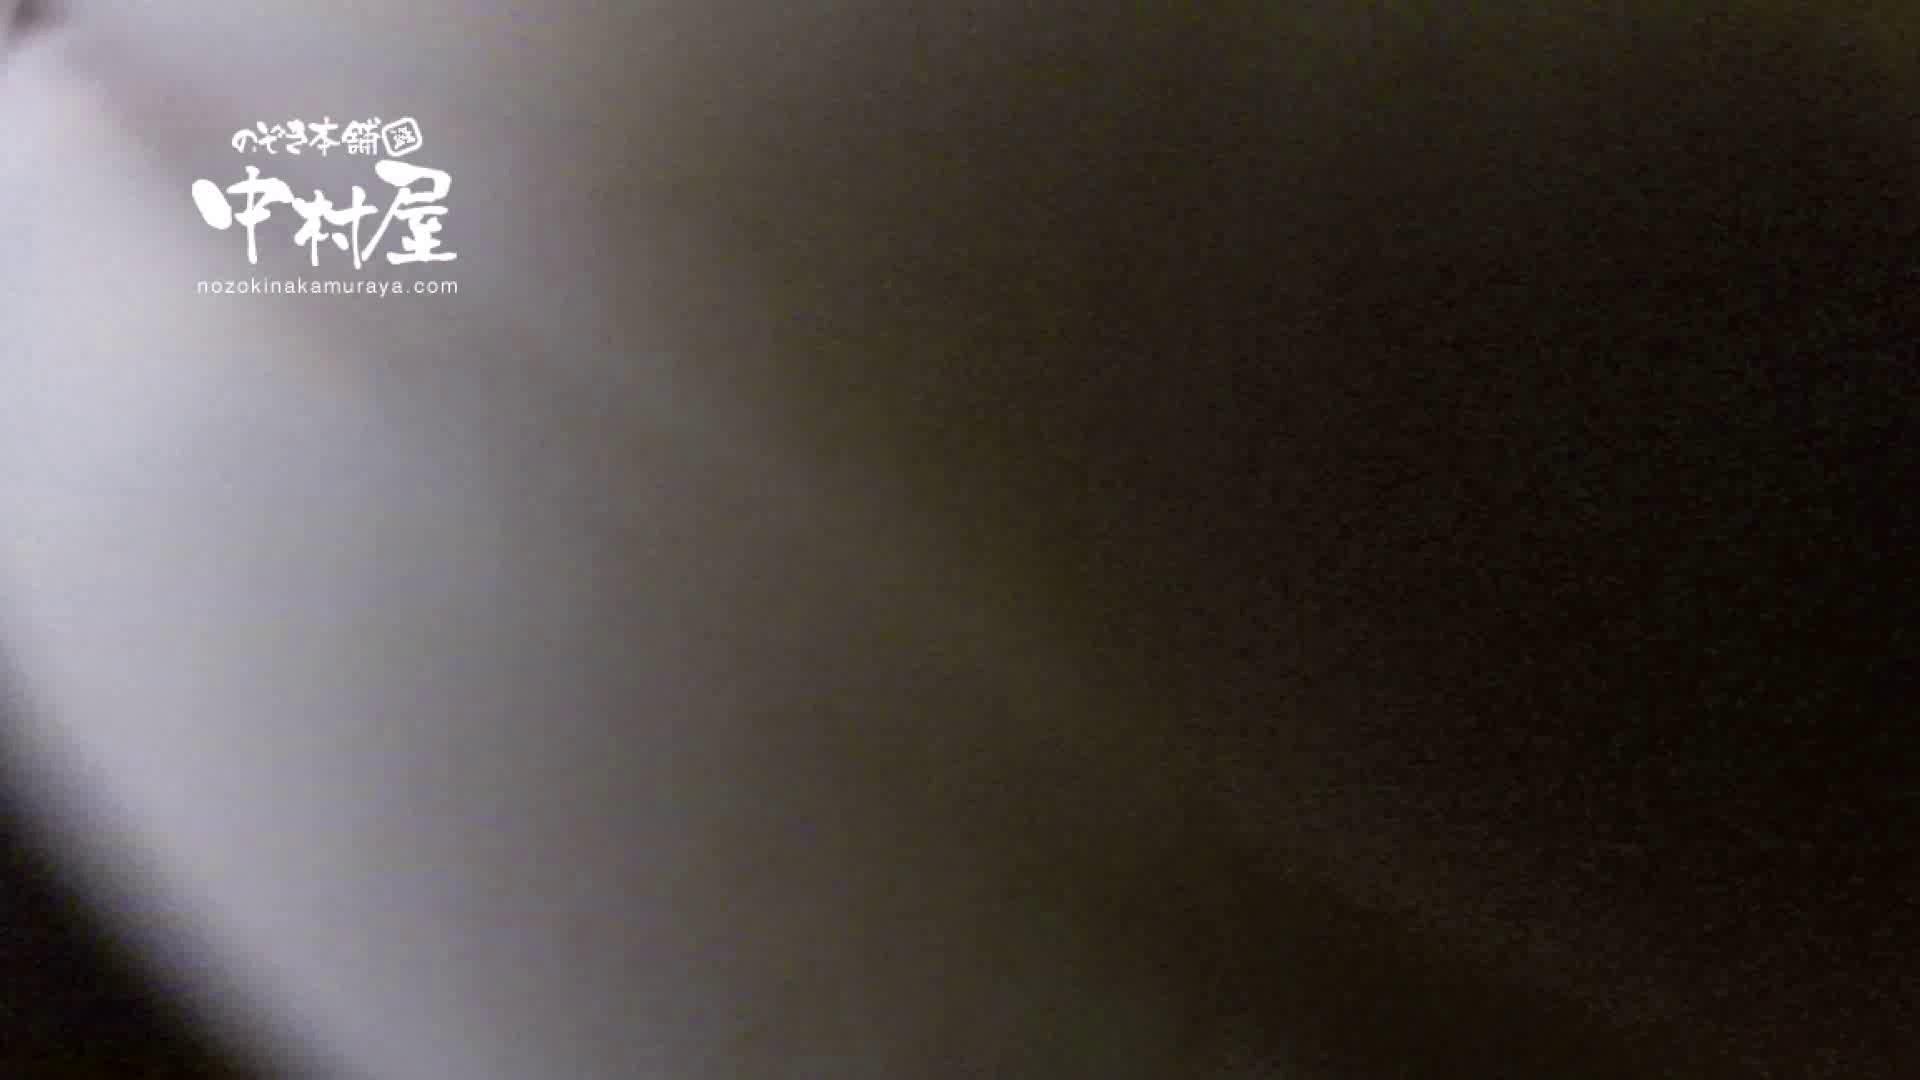 鬼畜 vol.13 もうなすがママ→結果クリームパイ 後編 いやらしいOL オマンコ動画キャプチャ 28連発 26